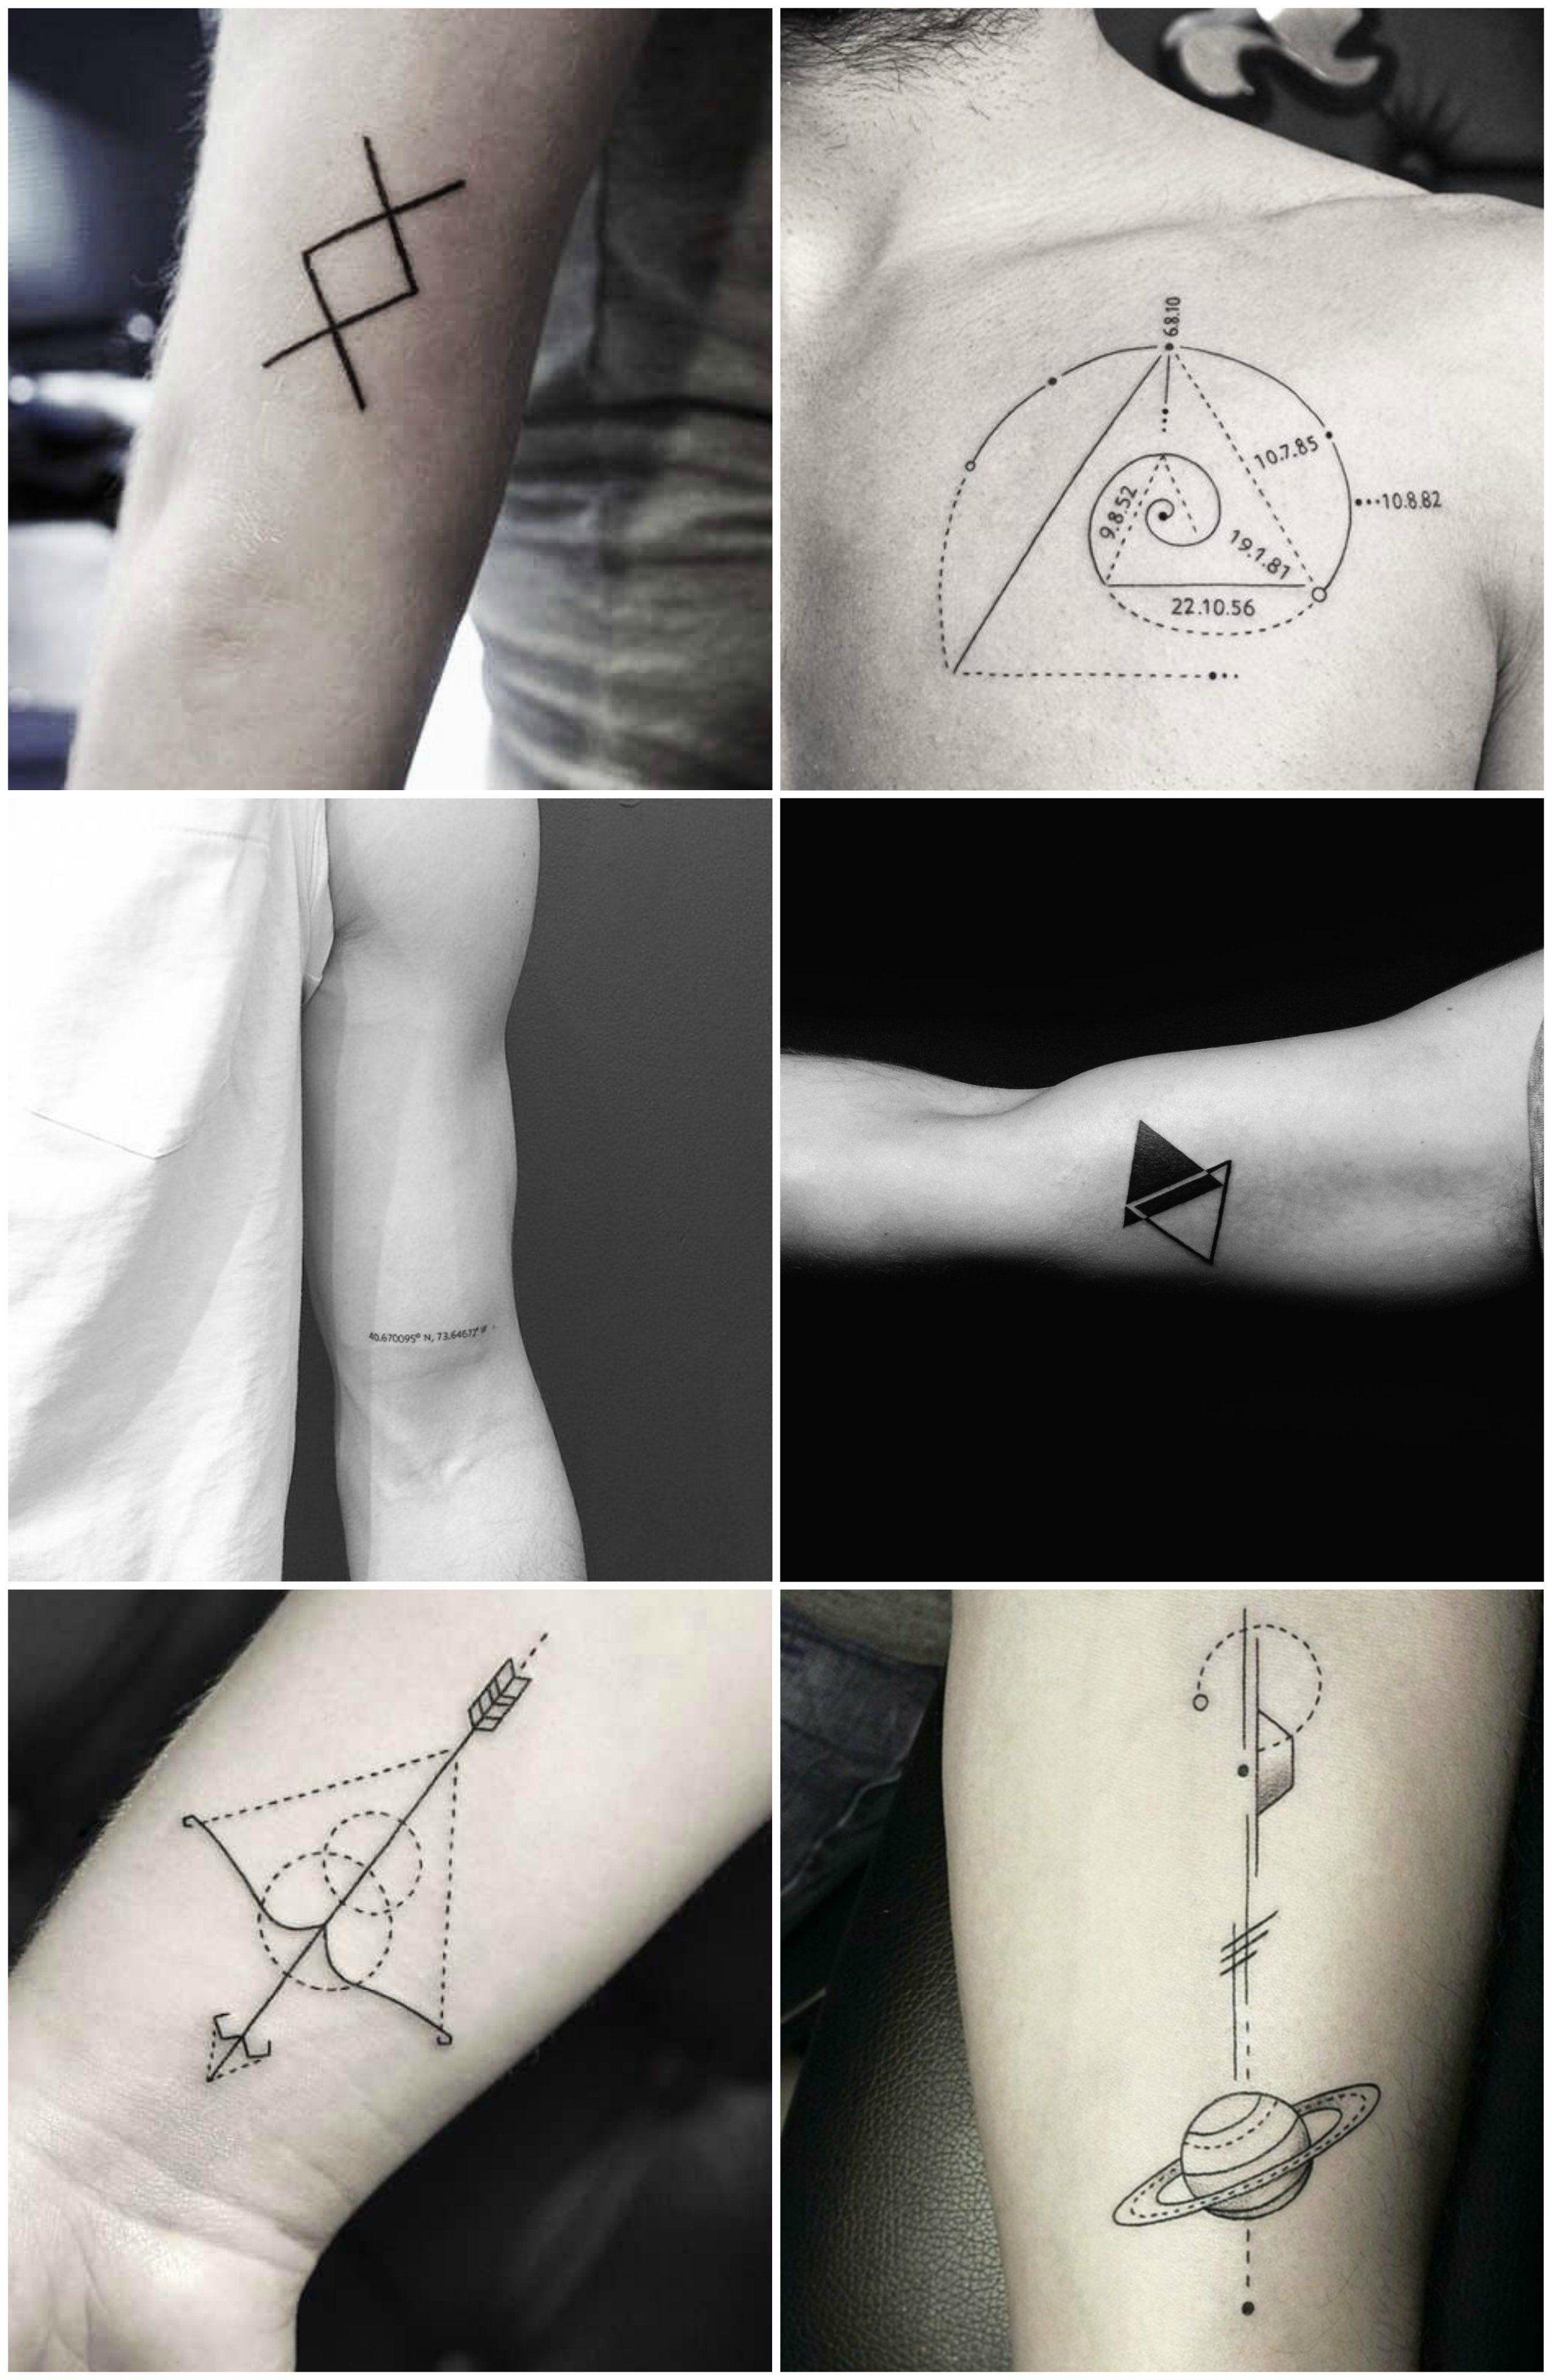 24 Tatuajes Minimalistas Para Los Hombres Que No Le Temen A La Elegancia Tatuajes Minimalistas Tatuajes Para Hombres Tatuajes